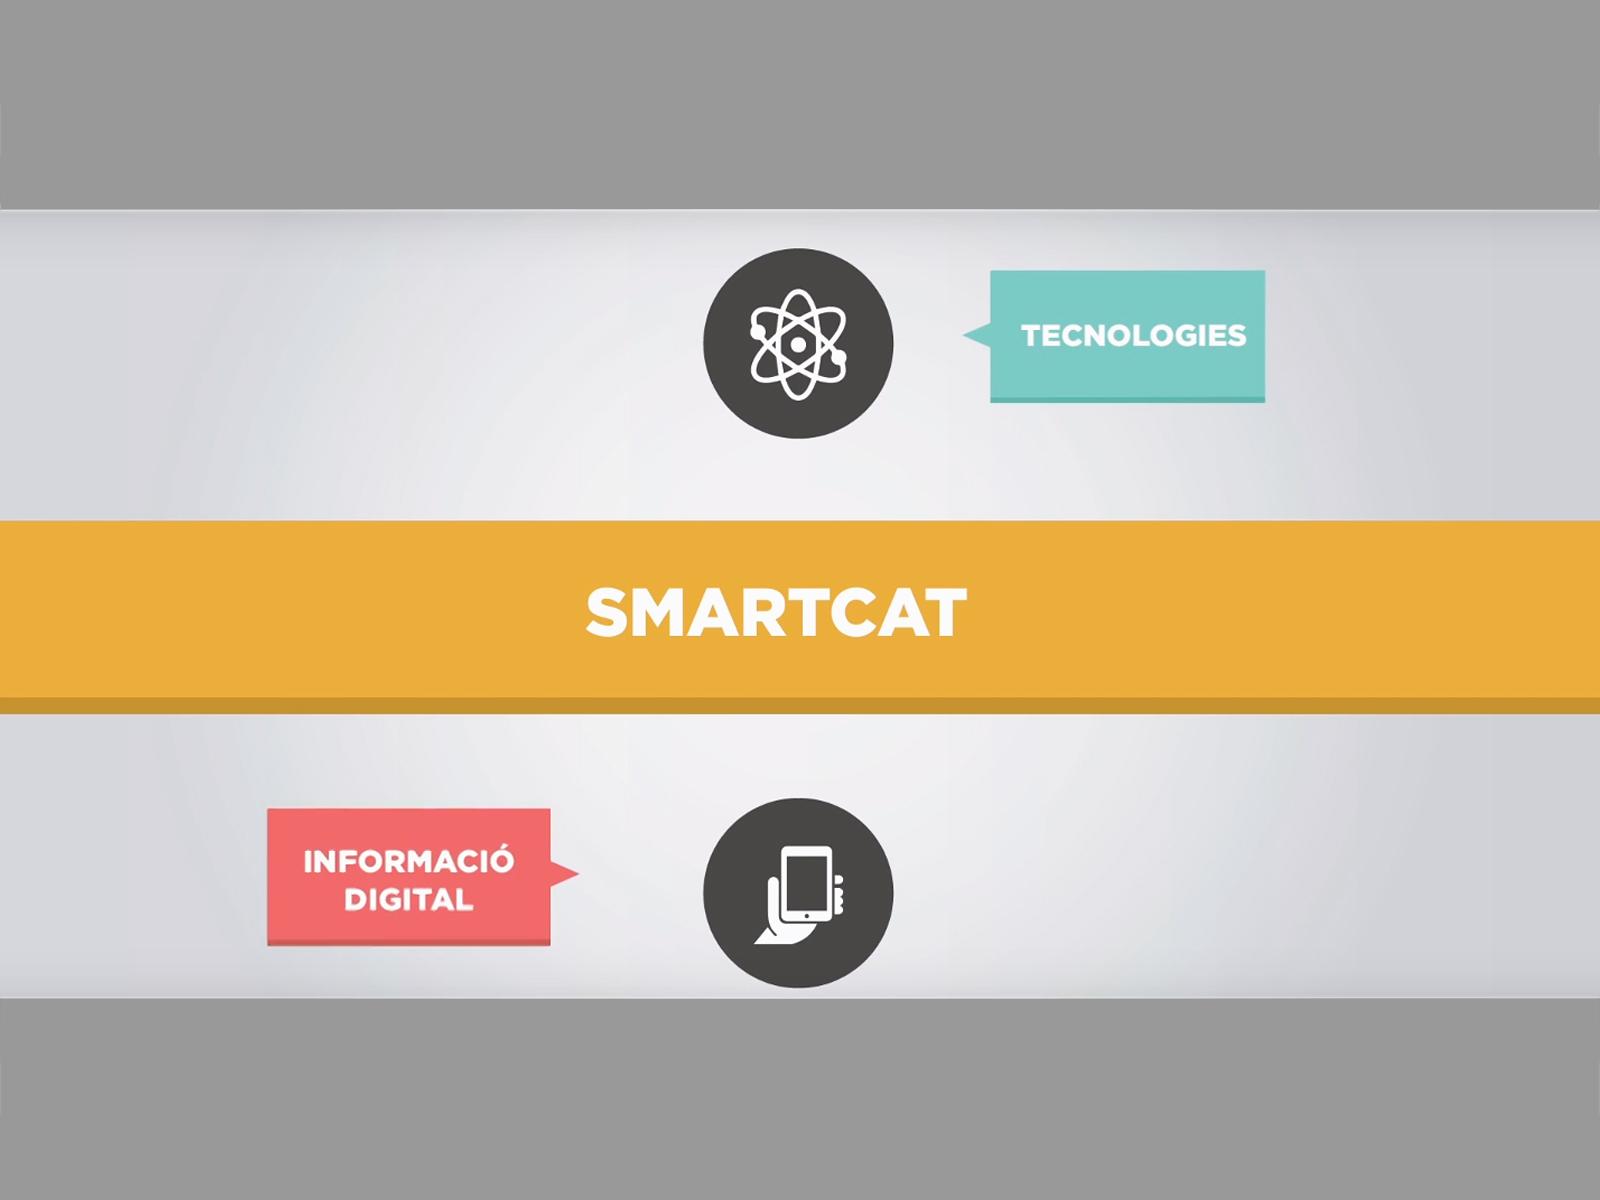 Projecte - Estratègia 2.0 SmartCAT - Iuris.doc | Màrqueting de continguts